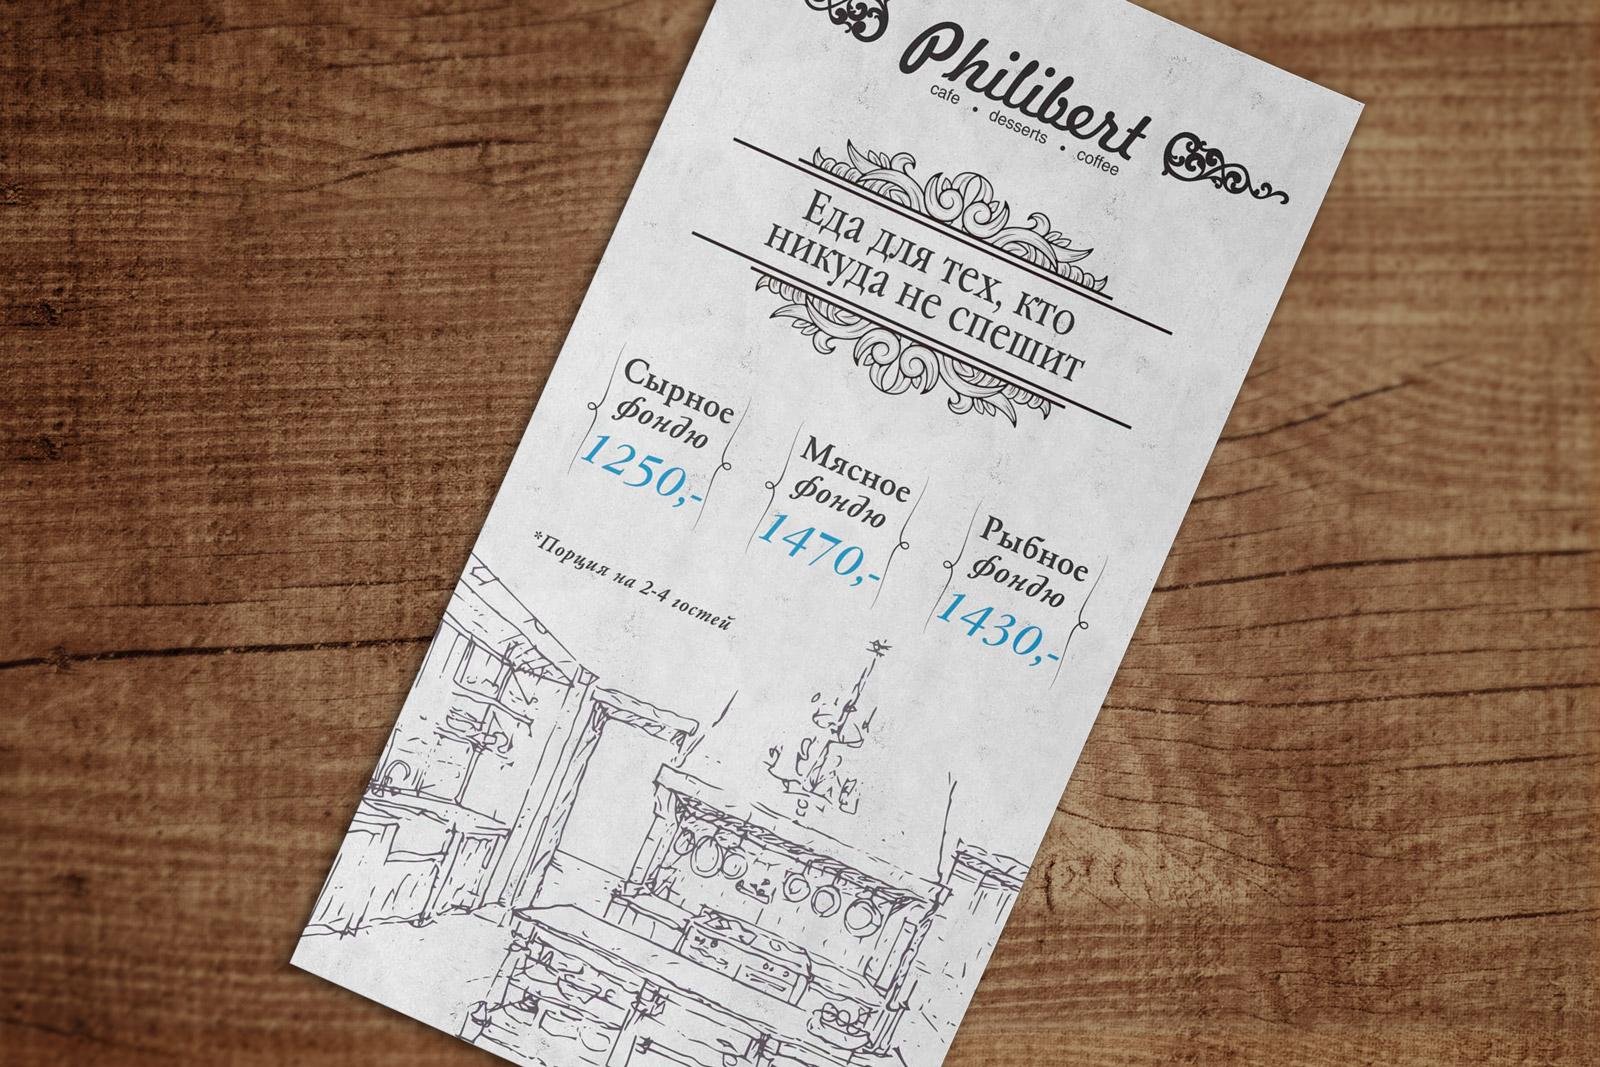 Вкладка фондю кафе Philibert